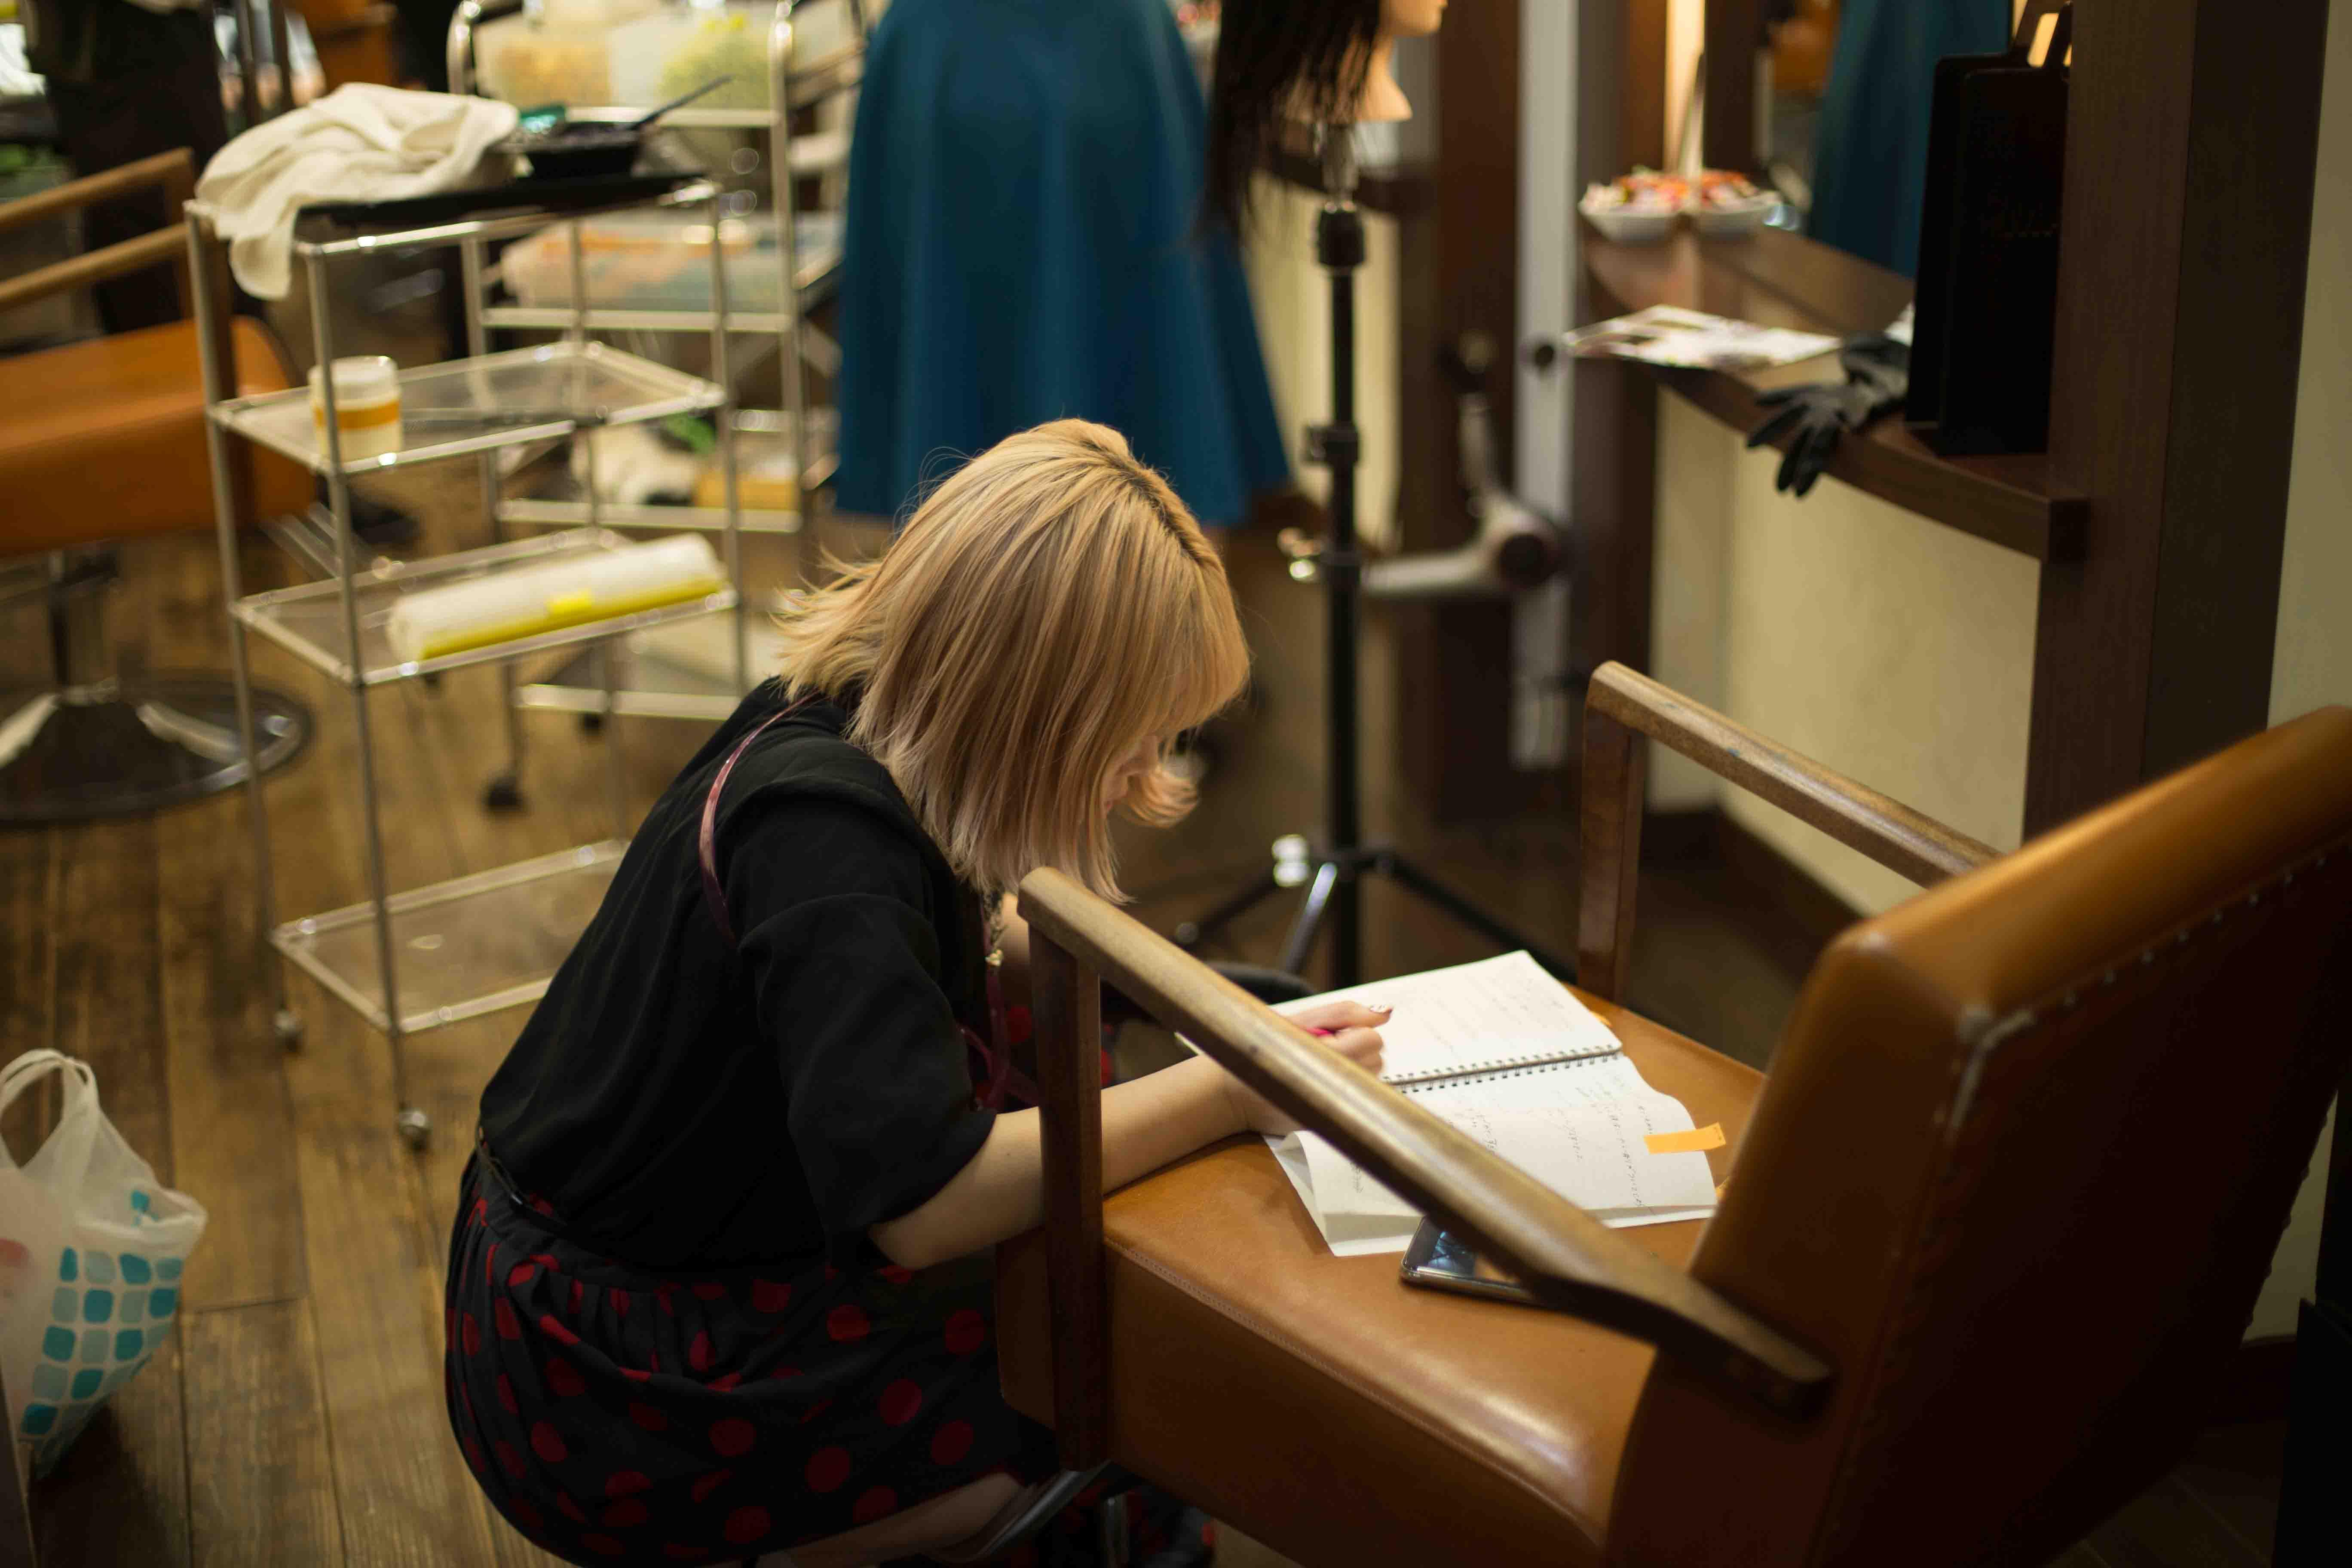 表参道 海外 海外就職 英語 美容師 美容室 インバウンド 転職 就職 ワーホリ ママ美容師 美容学生